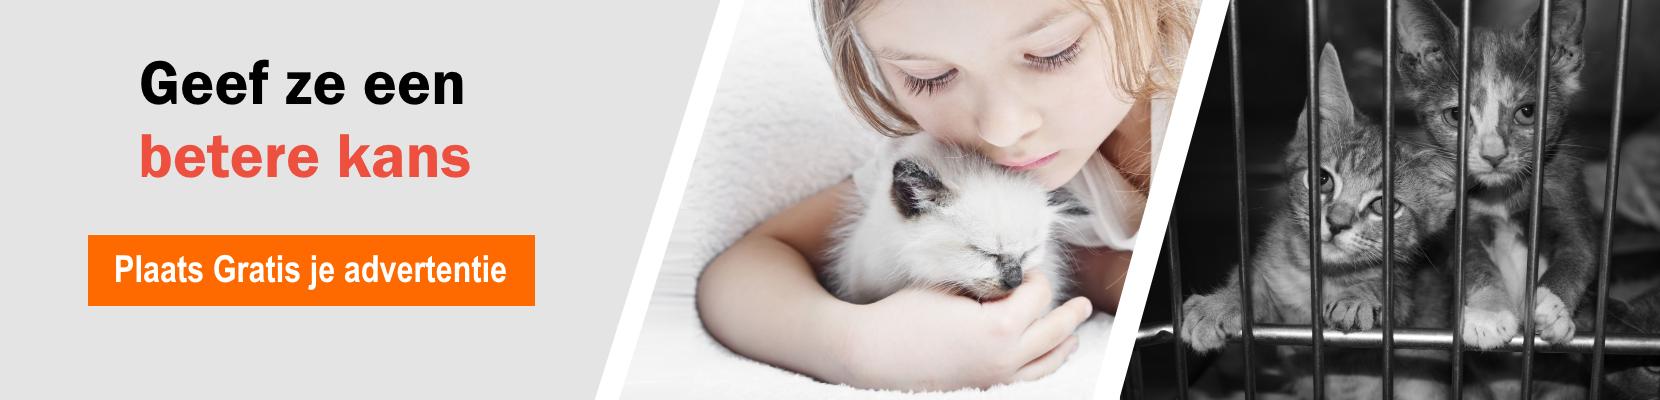 SL2_Gratis Kittens.png